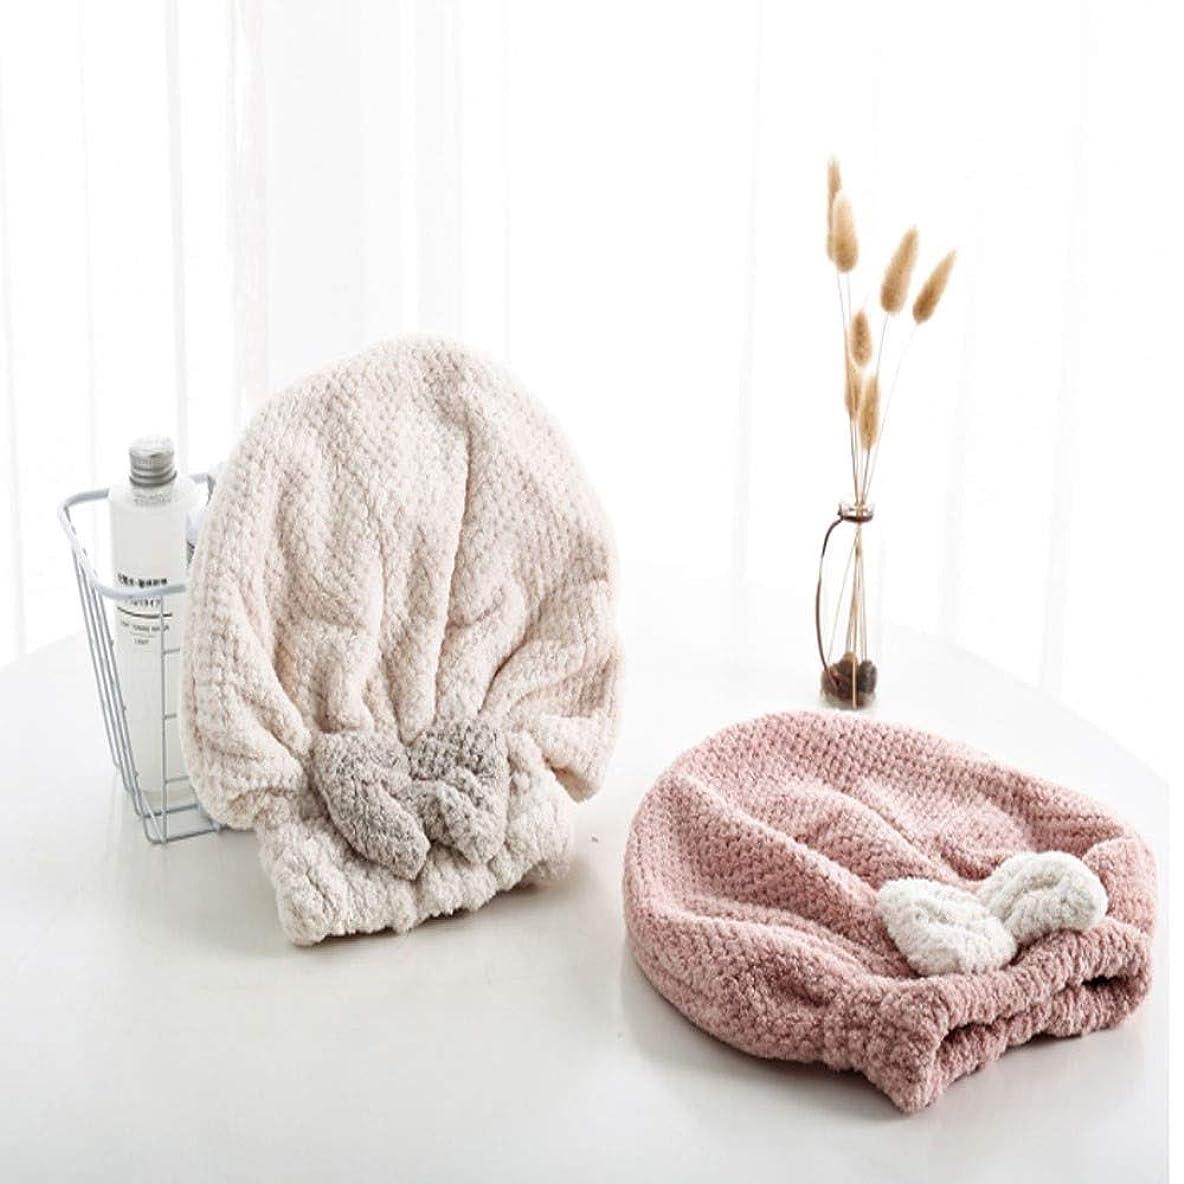 蒸発する区別するブラウズKYK キャップシャワー、女子ドライシャワーキャップデラックスは、キャップレディすべての髪の長さや太さ防かび、再利用可能なシャワーキャップシャワー。 (Color : White)